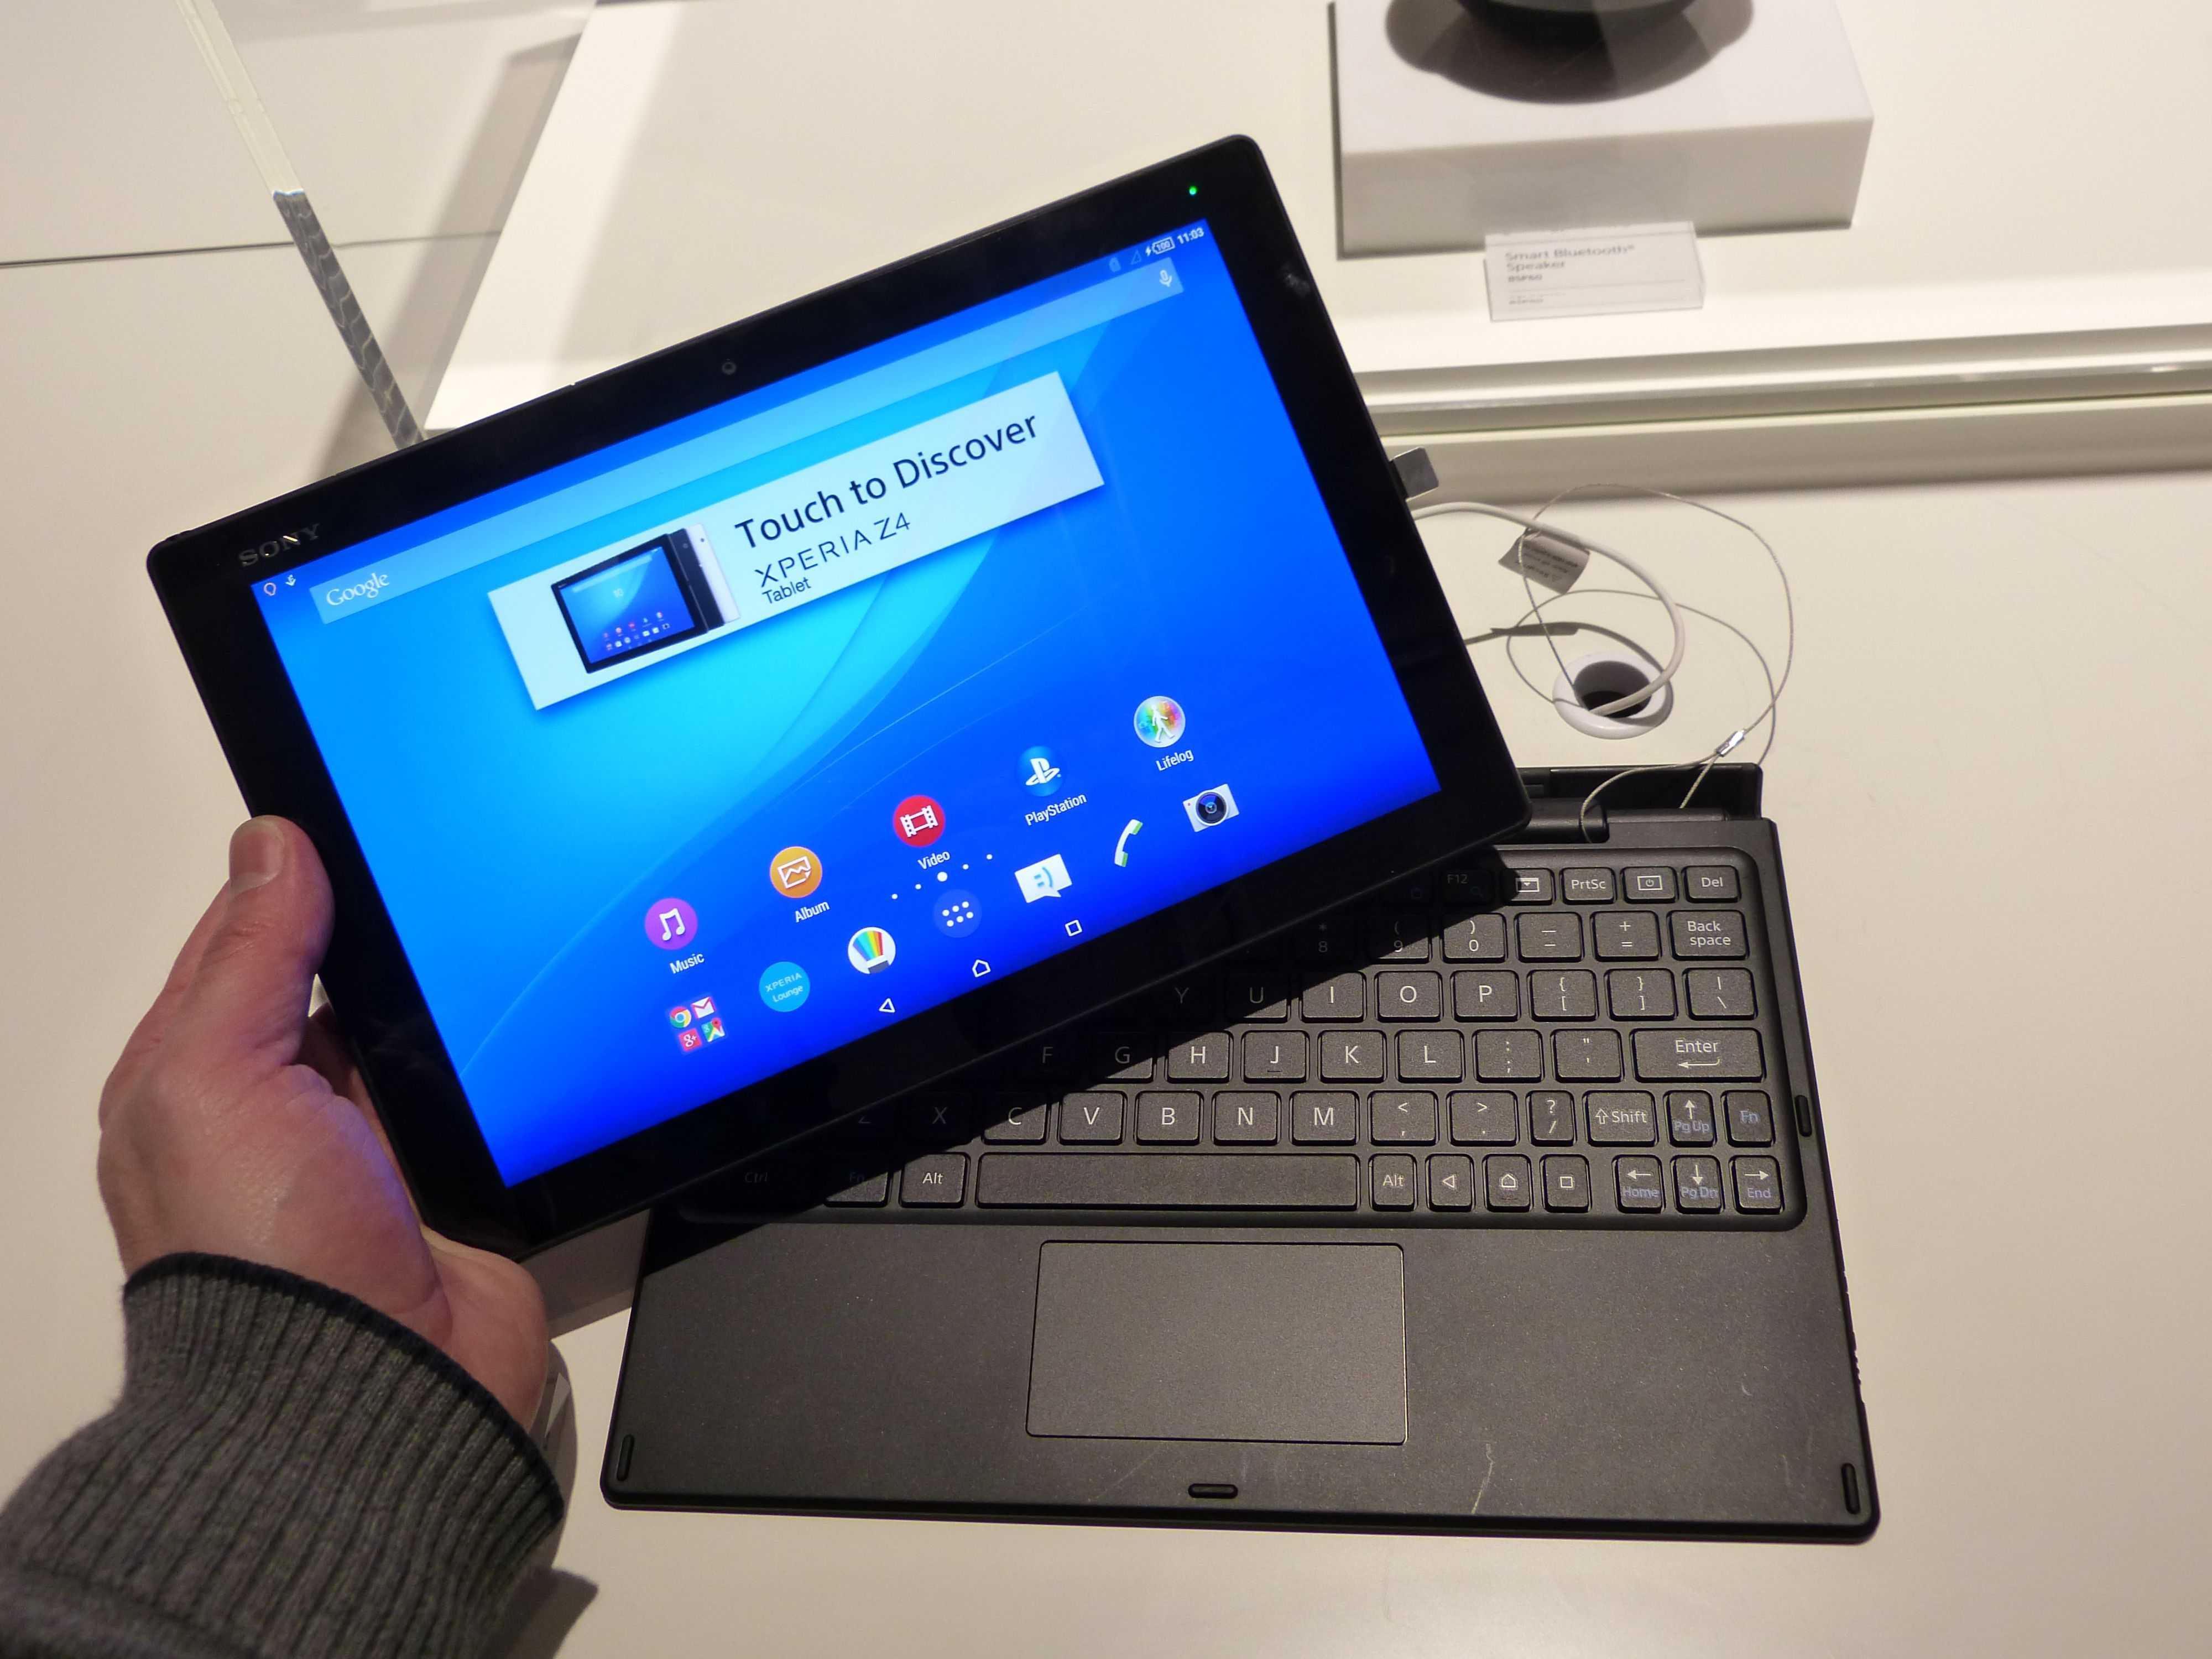 Sony Xperia Z4 Tablet reviews point to impressive flexibility.